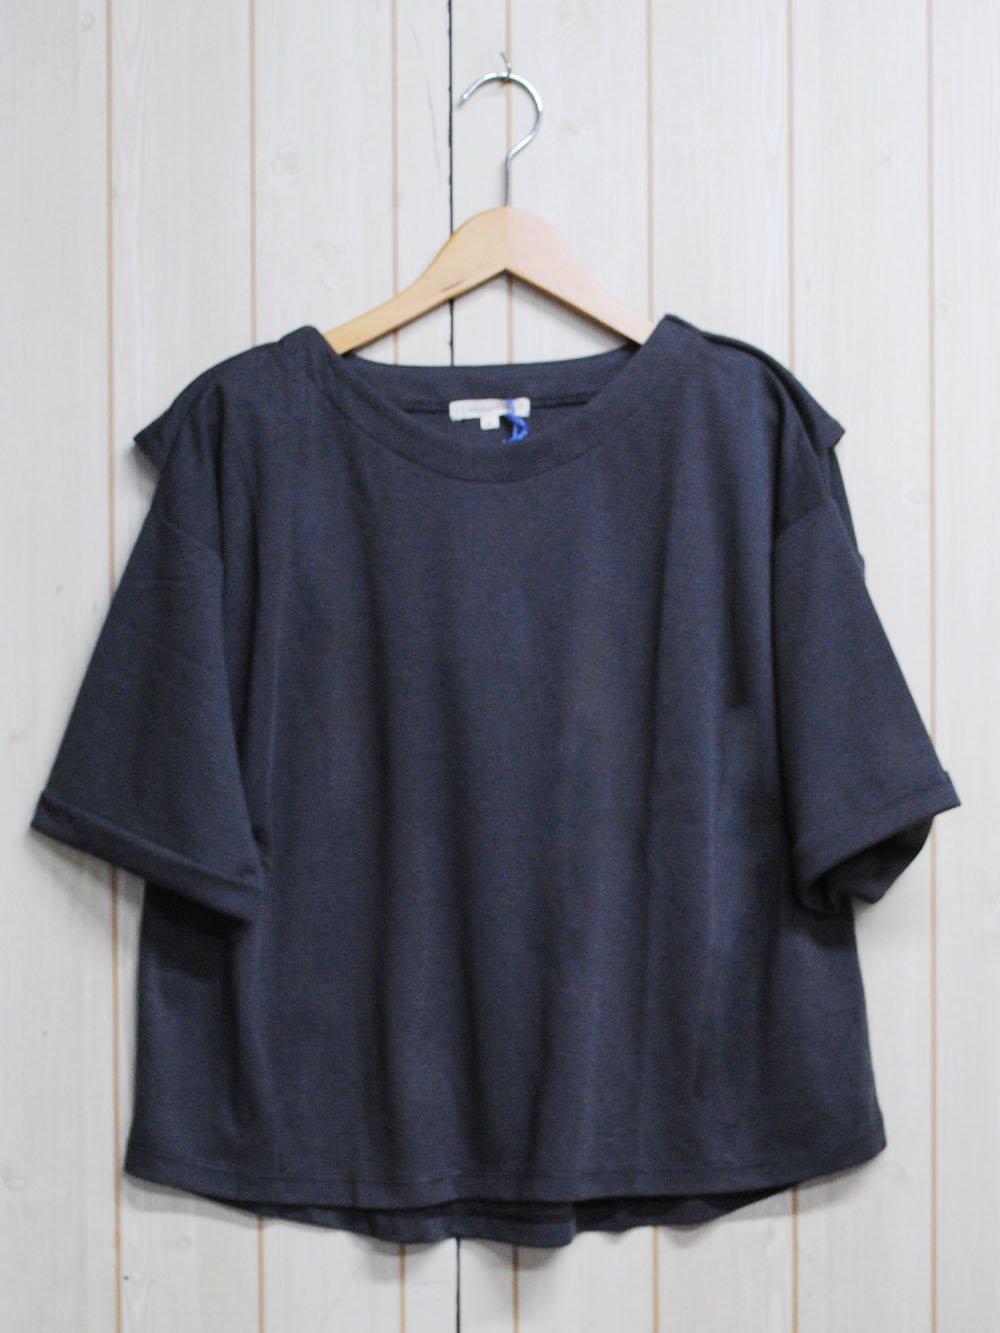 【90%OFF】@399円■5枚セット■2WAYリボン付きワイド巾プルオーバー